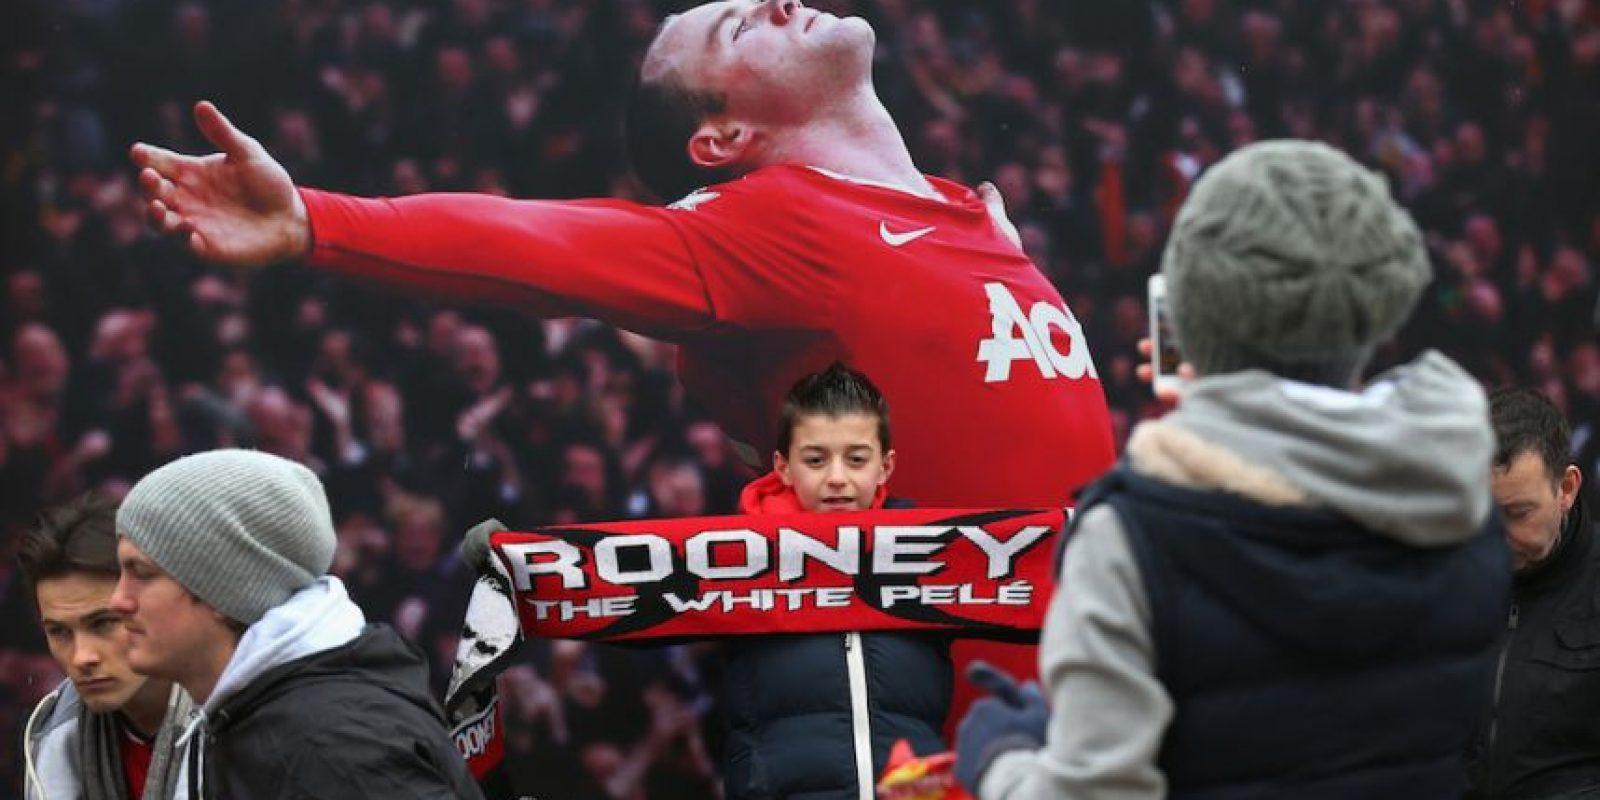 El futbolista inglés antes había sido noqueado en su casa. Foto:Getty Images